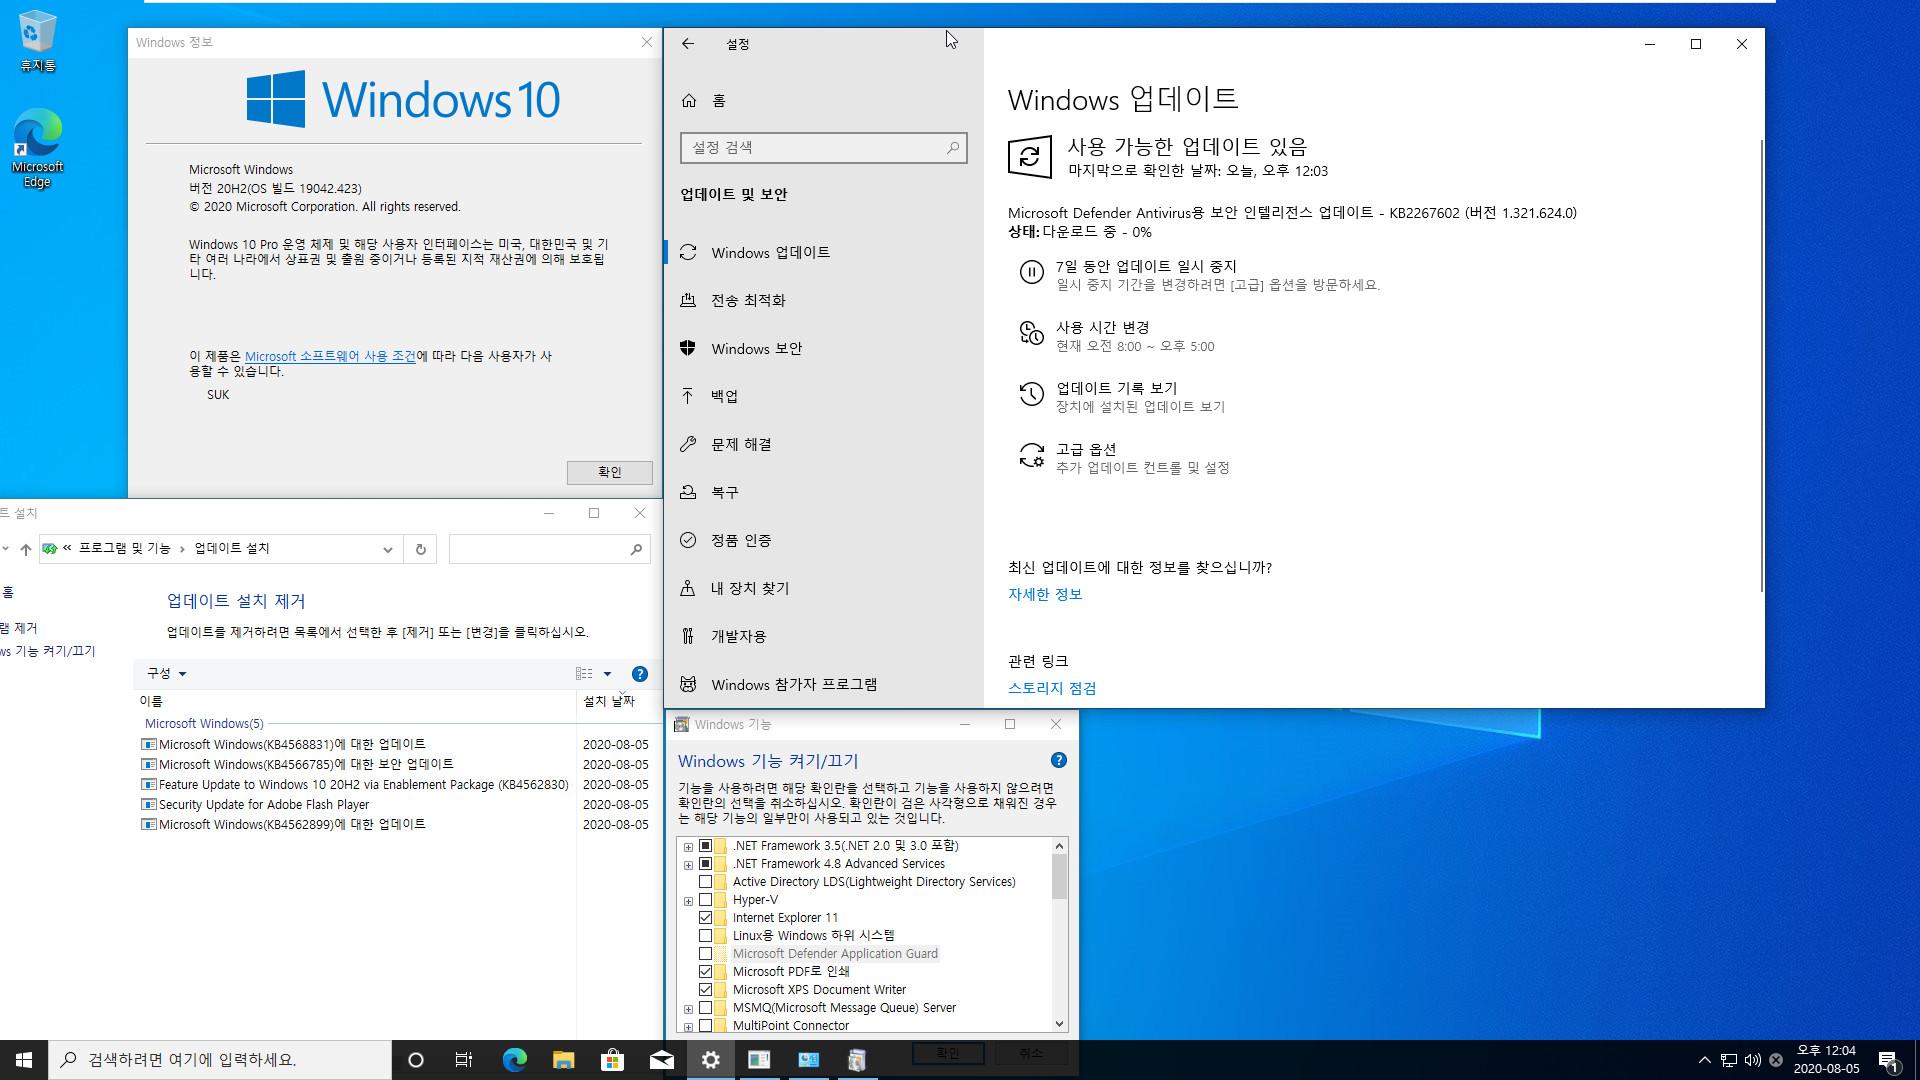 2020-08-01일자 수시 업데이트 통합 - Windows 10 버전 2004 + 버전 20H2 누적 업데이트 KB4568831 (OS 빌드 19041.423 + 19042.423) vmware에 설치 테스트 2020-08-05_120400.jpg